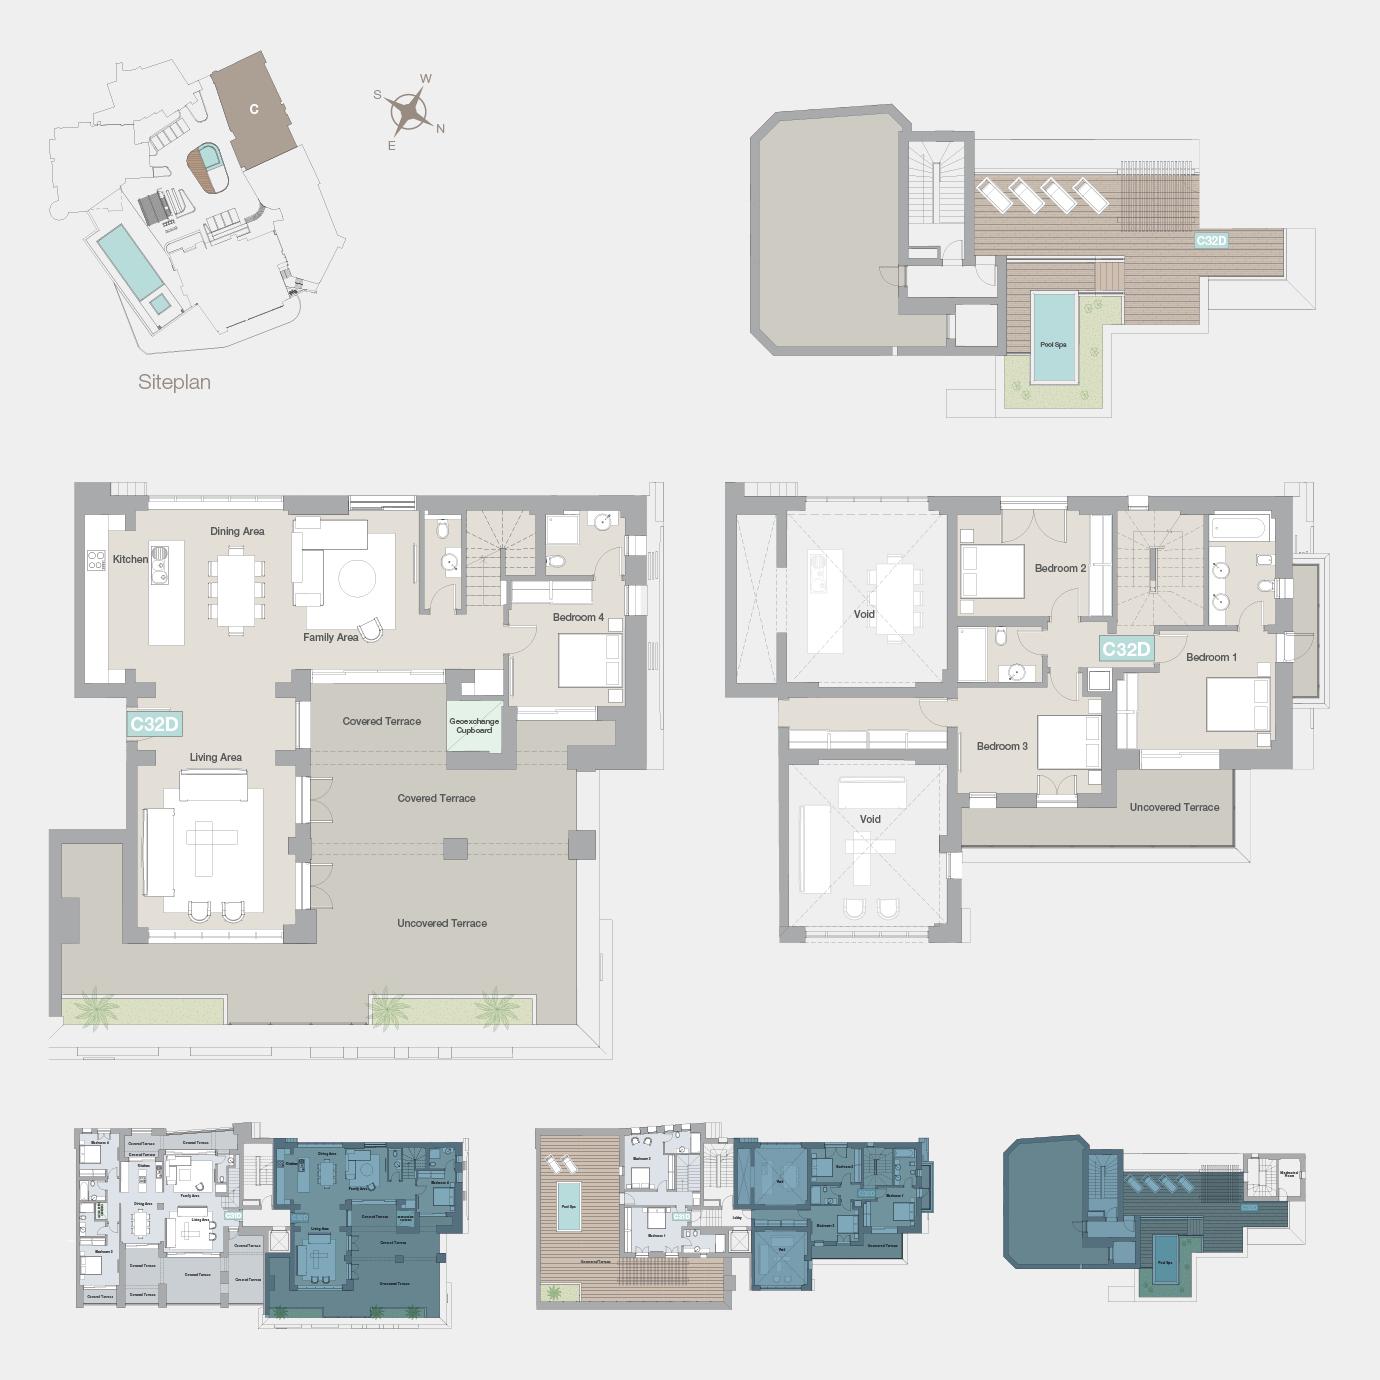 LM_Castle_Residences_C32D